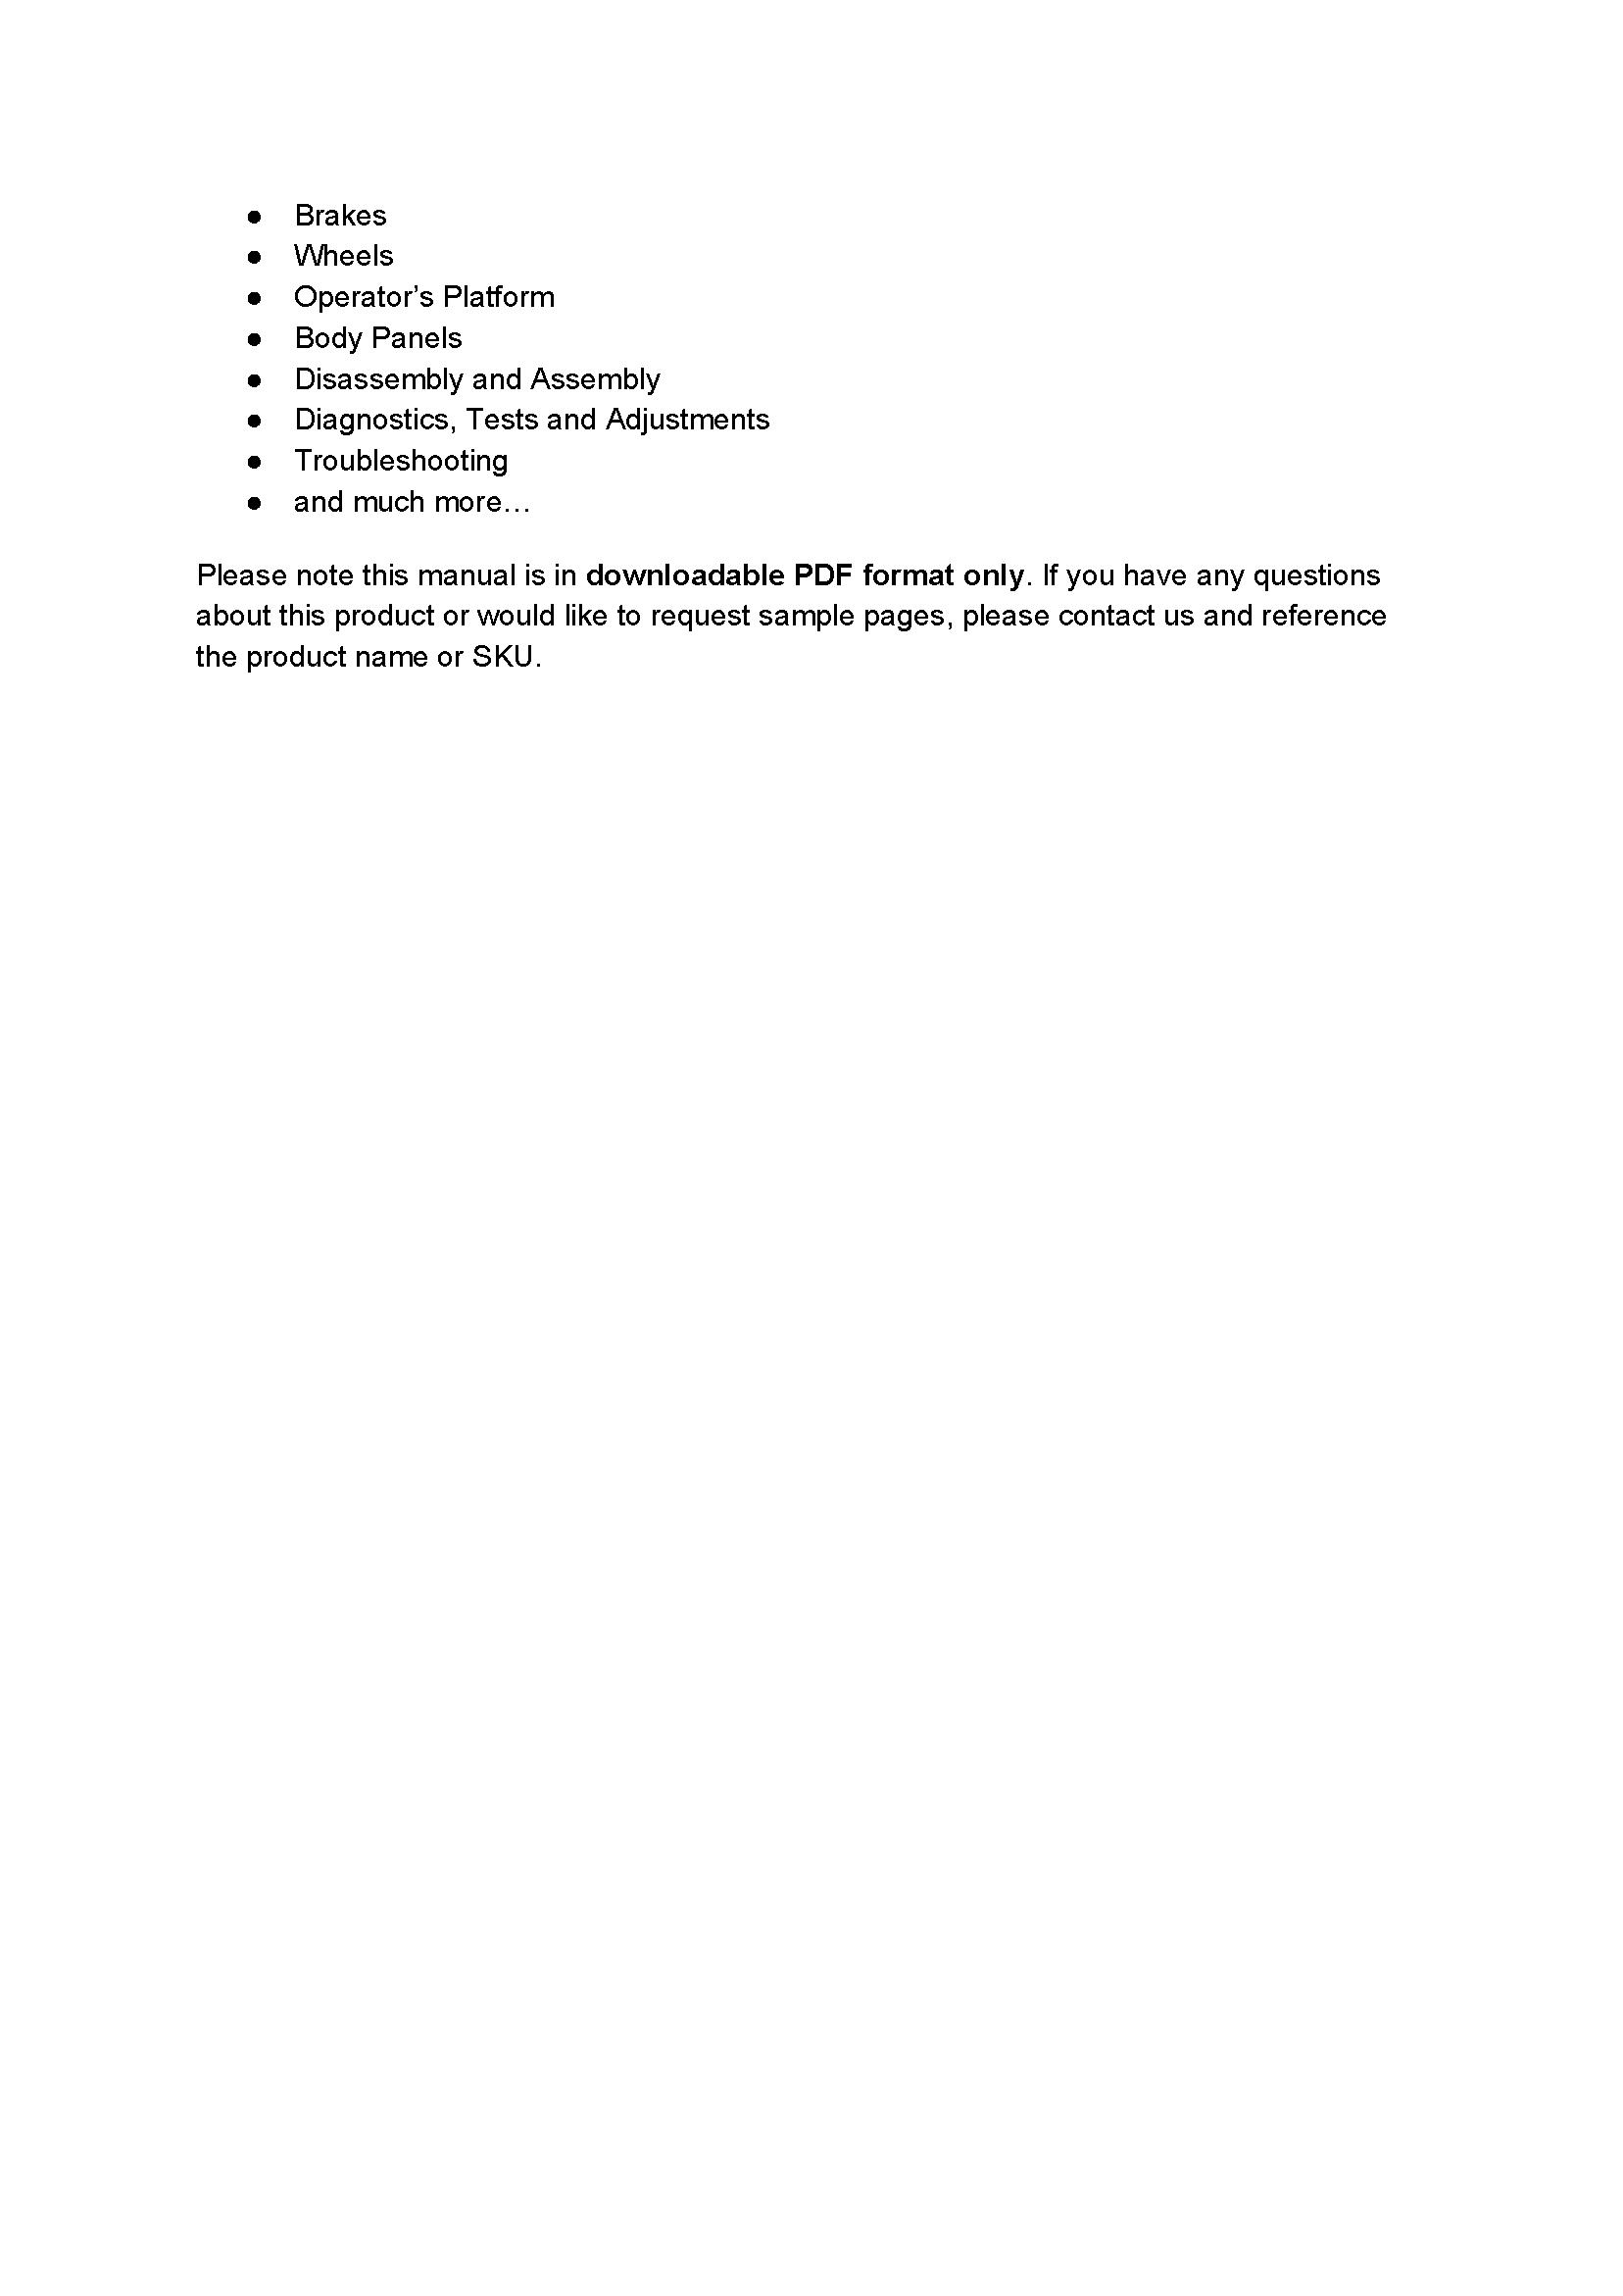 John Deere 333G manual pdf